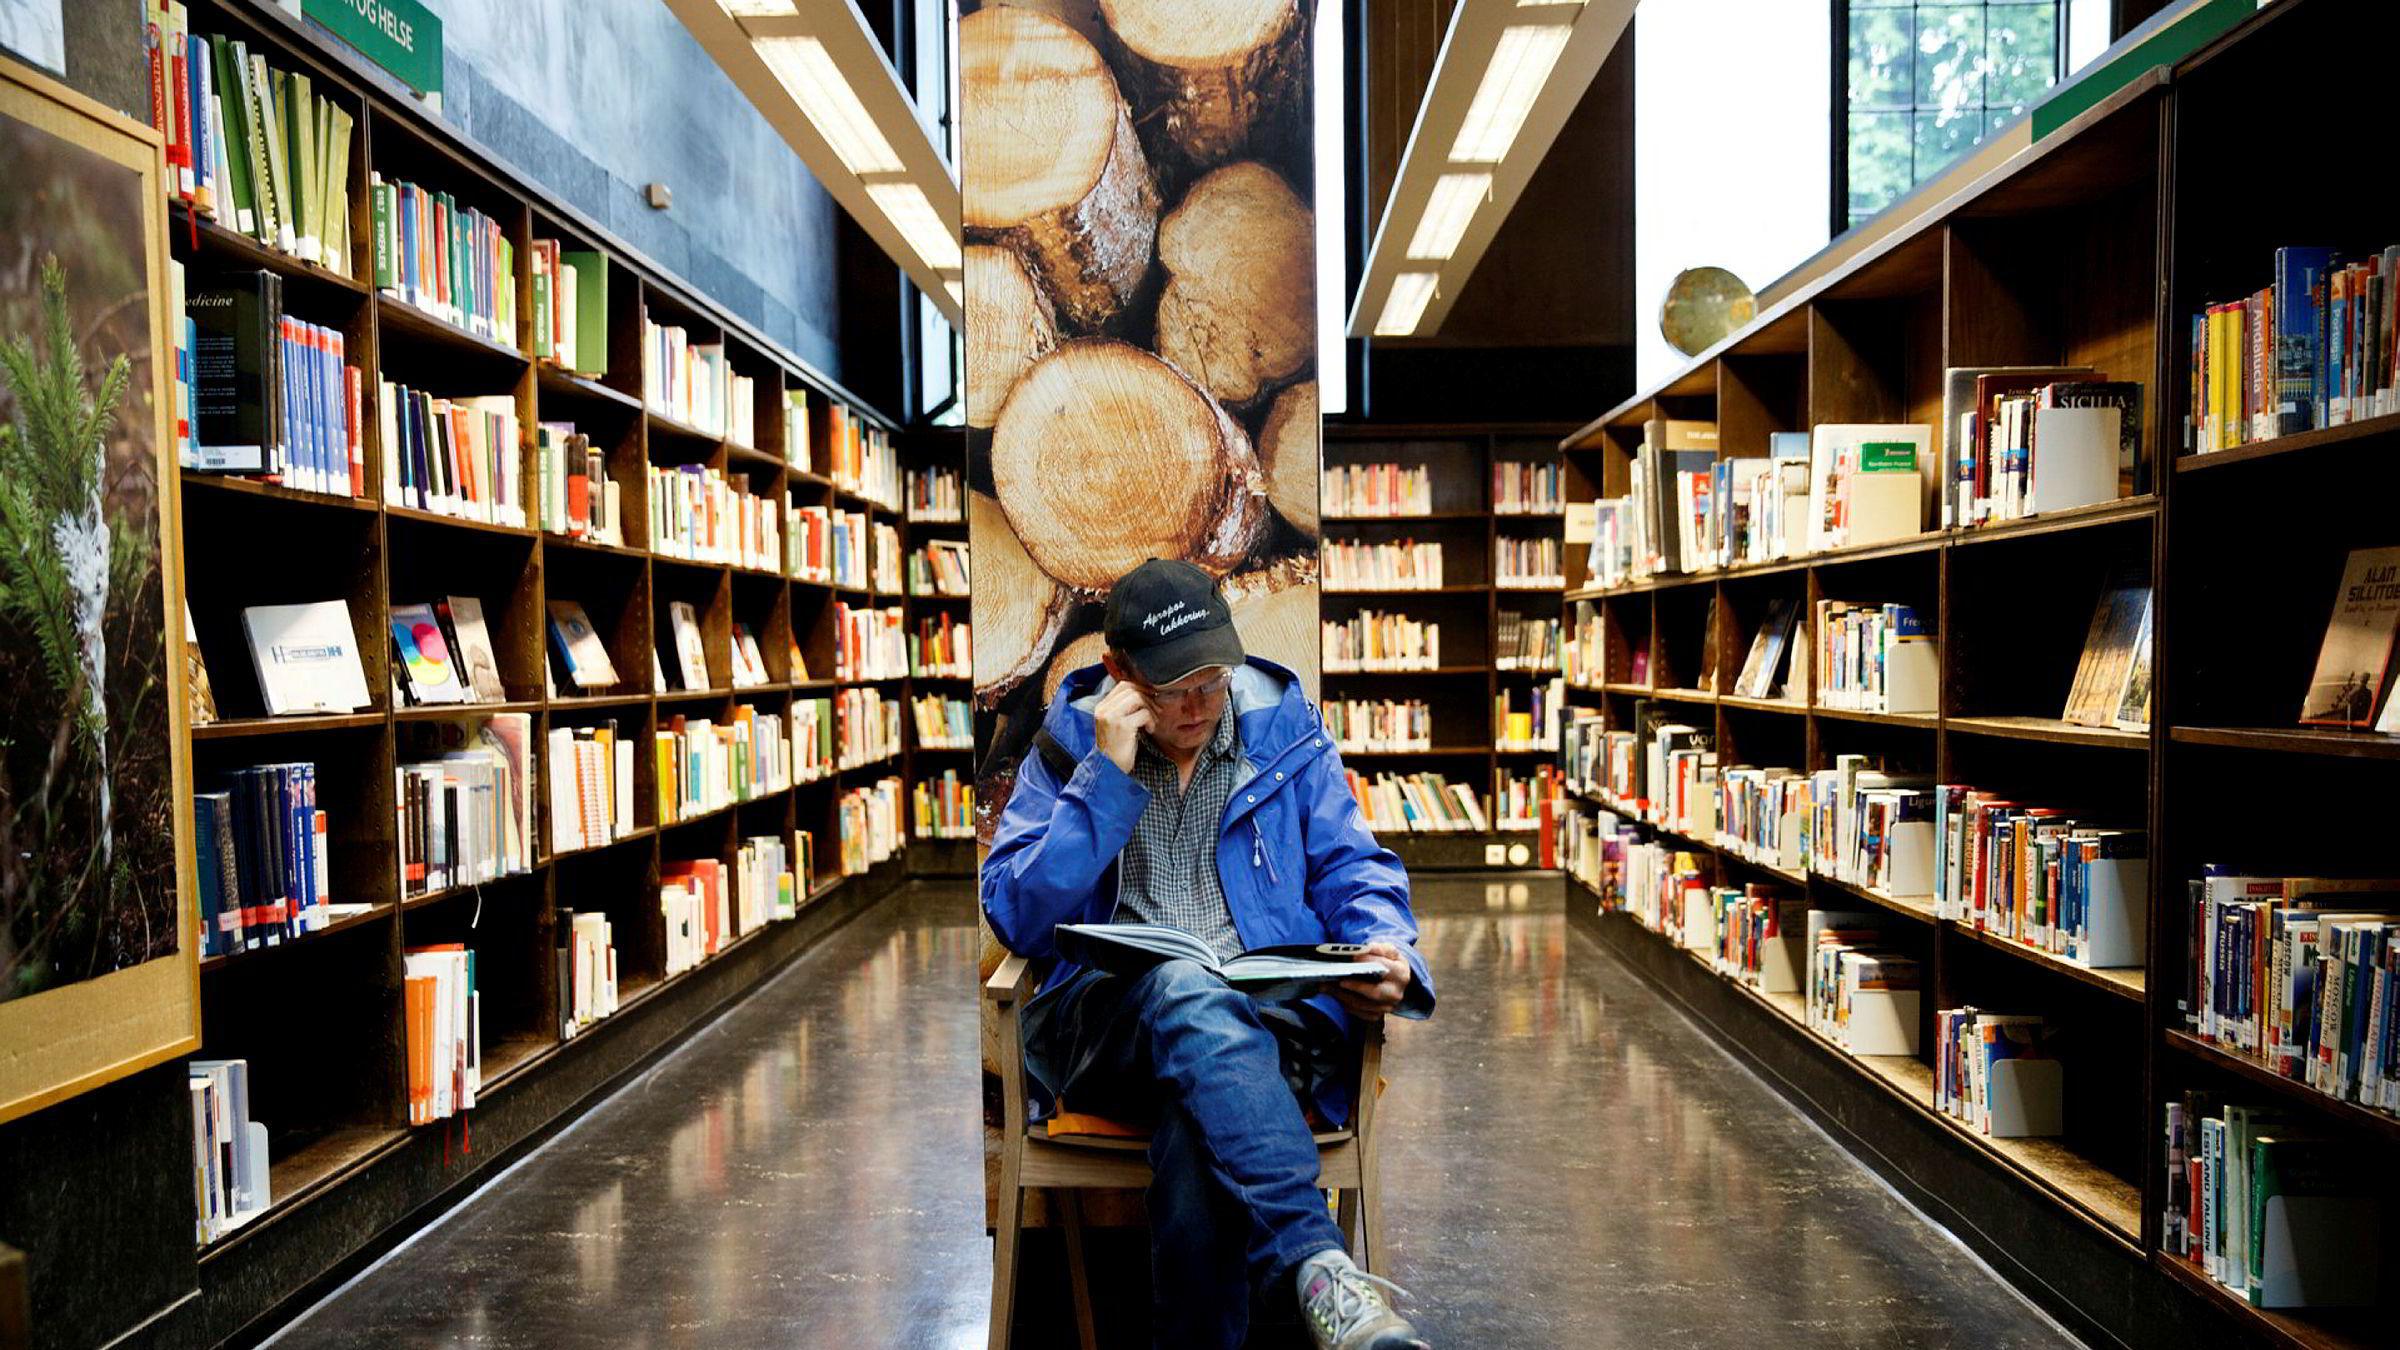 Biblioteket skal være et naturlig sted å henvende seg for den som ønsker å skille mellom ekte og falske nyheter, og mellom gode og dårlige kunnskapskilder, skriver statsministeren. Bildet er fra Deichmanske bibliotek.